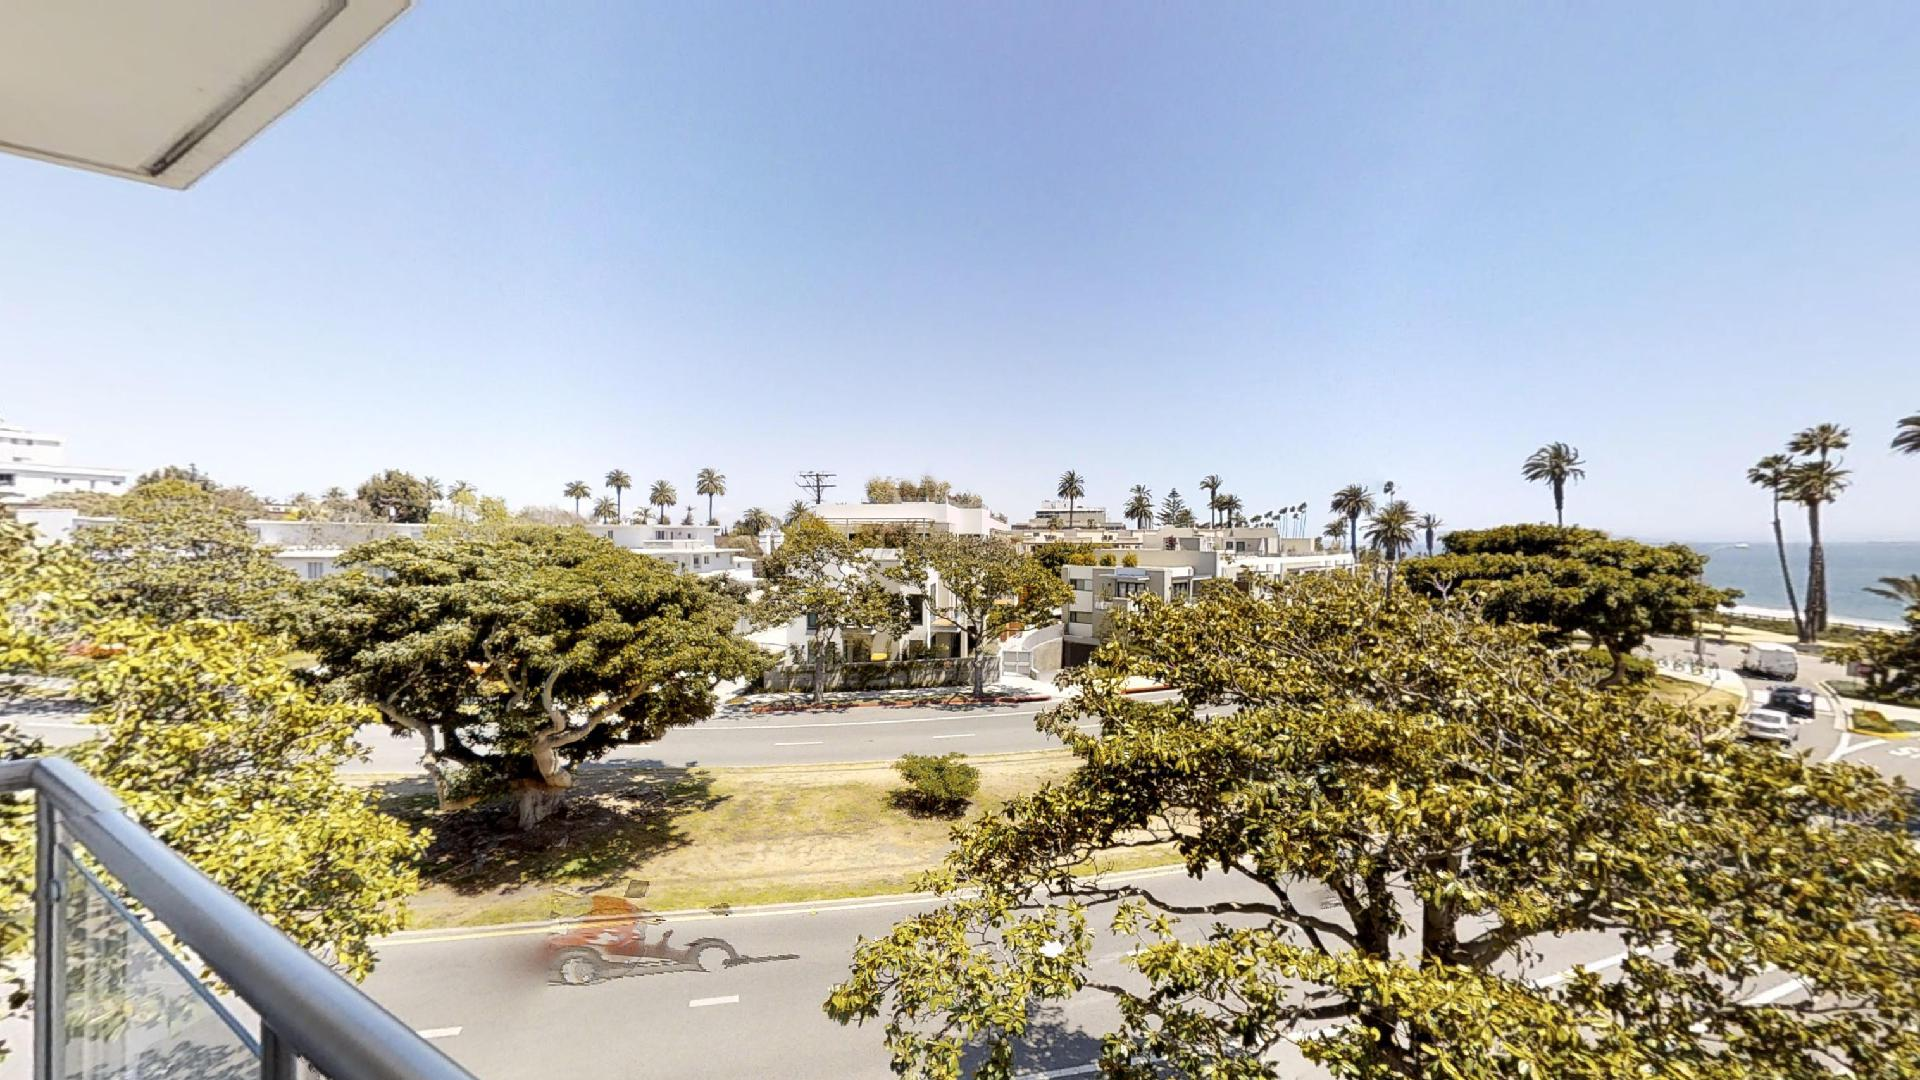 201-Ocean-Avenue-05192019_145505.jpg